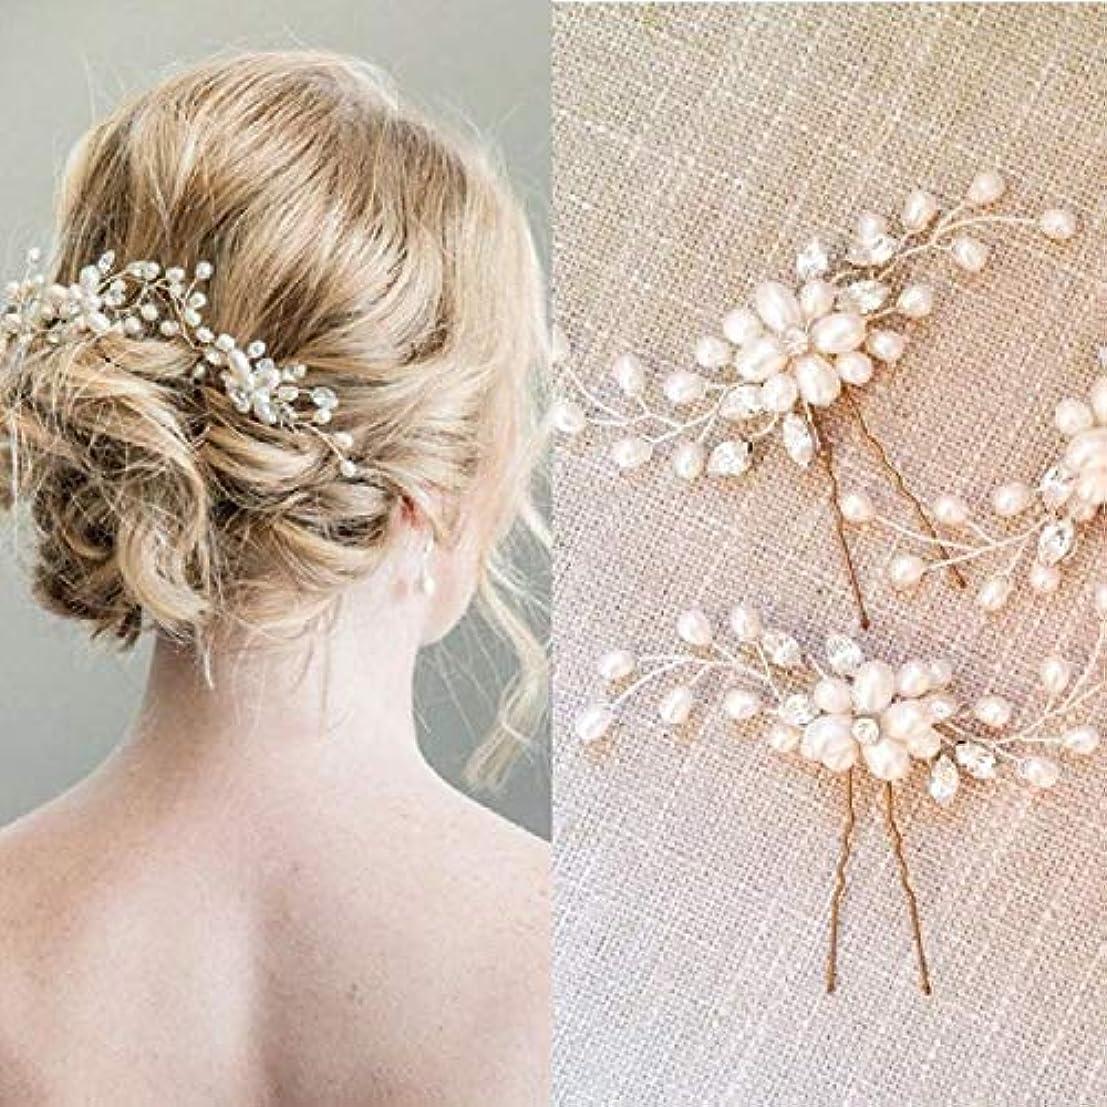 レトルト湖究極のフラワーヘアピンFlowerHairpin YHM 2ピース祭り結婚式ヘアアクセサリーブライダルヘアスティック花ヘアピン美しいヘッドドレスひだヘアクリップつるアクセサリー